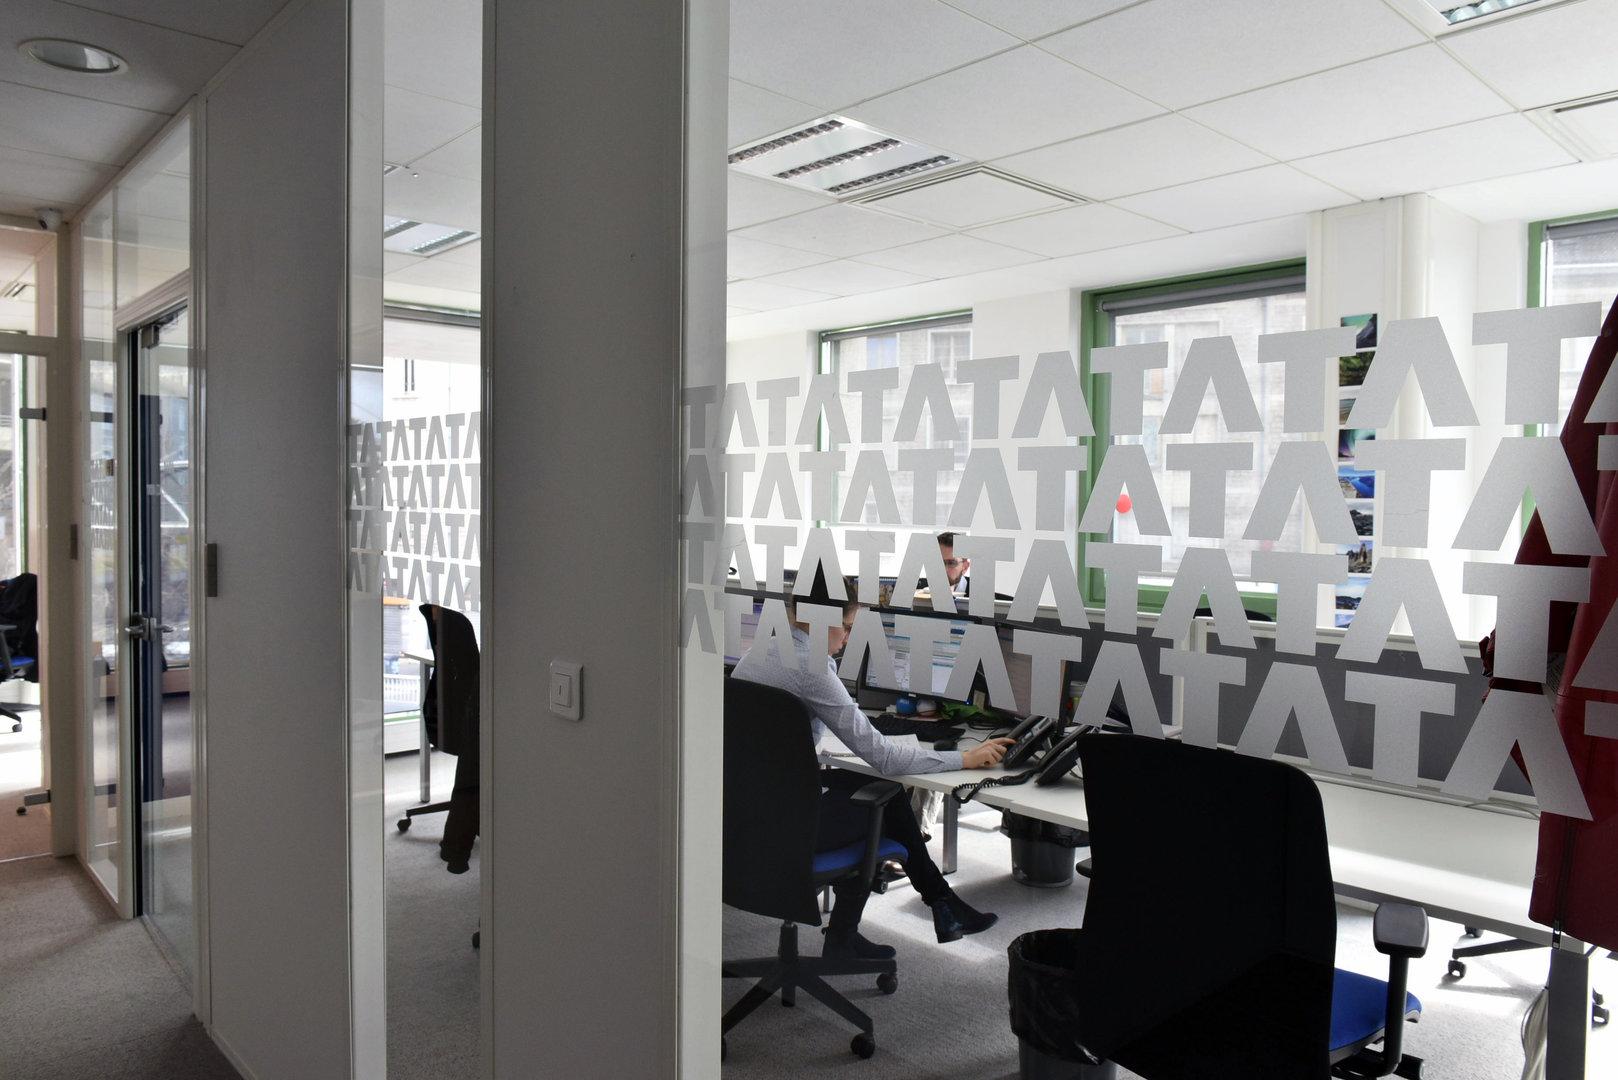 Tata Consulting